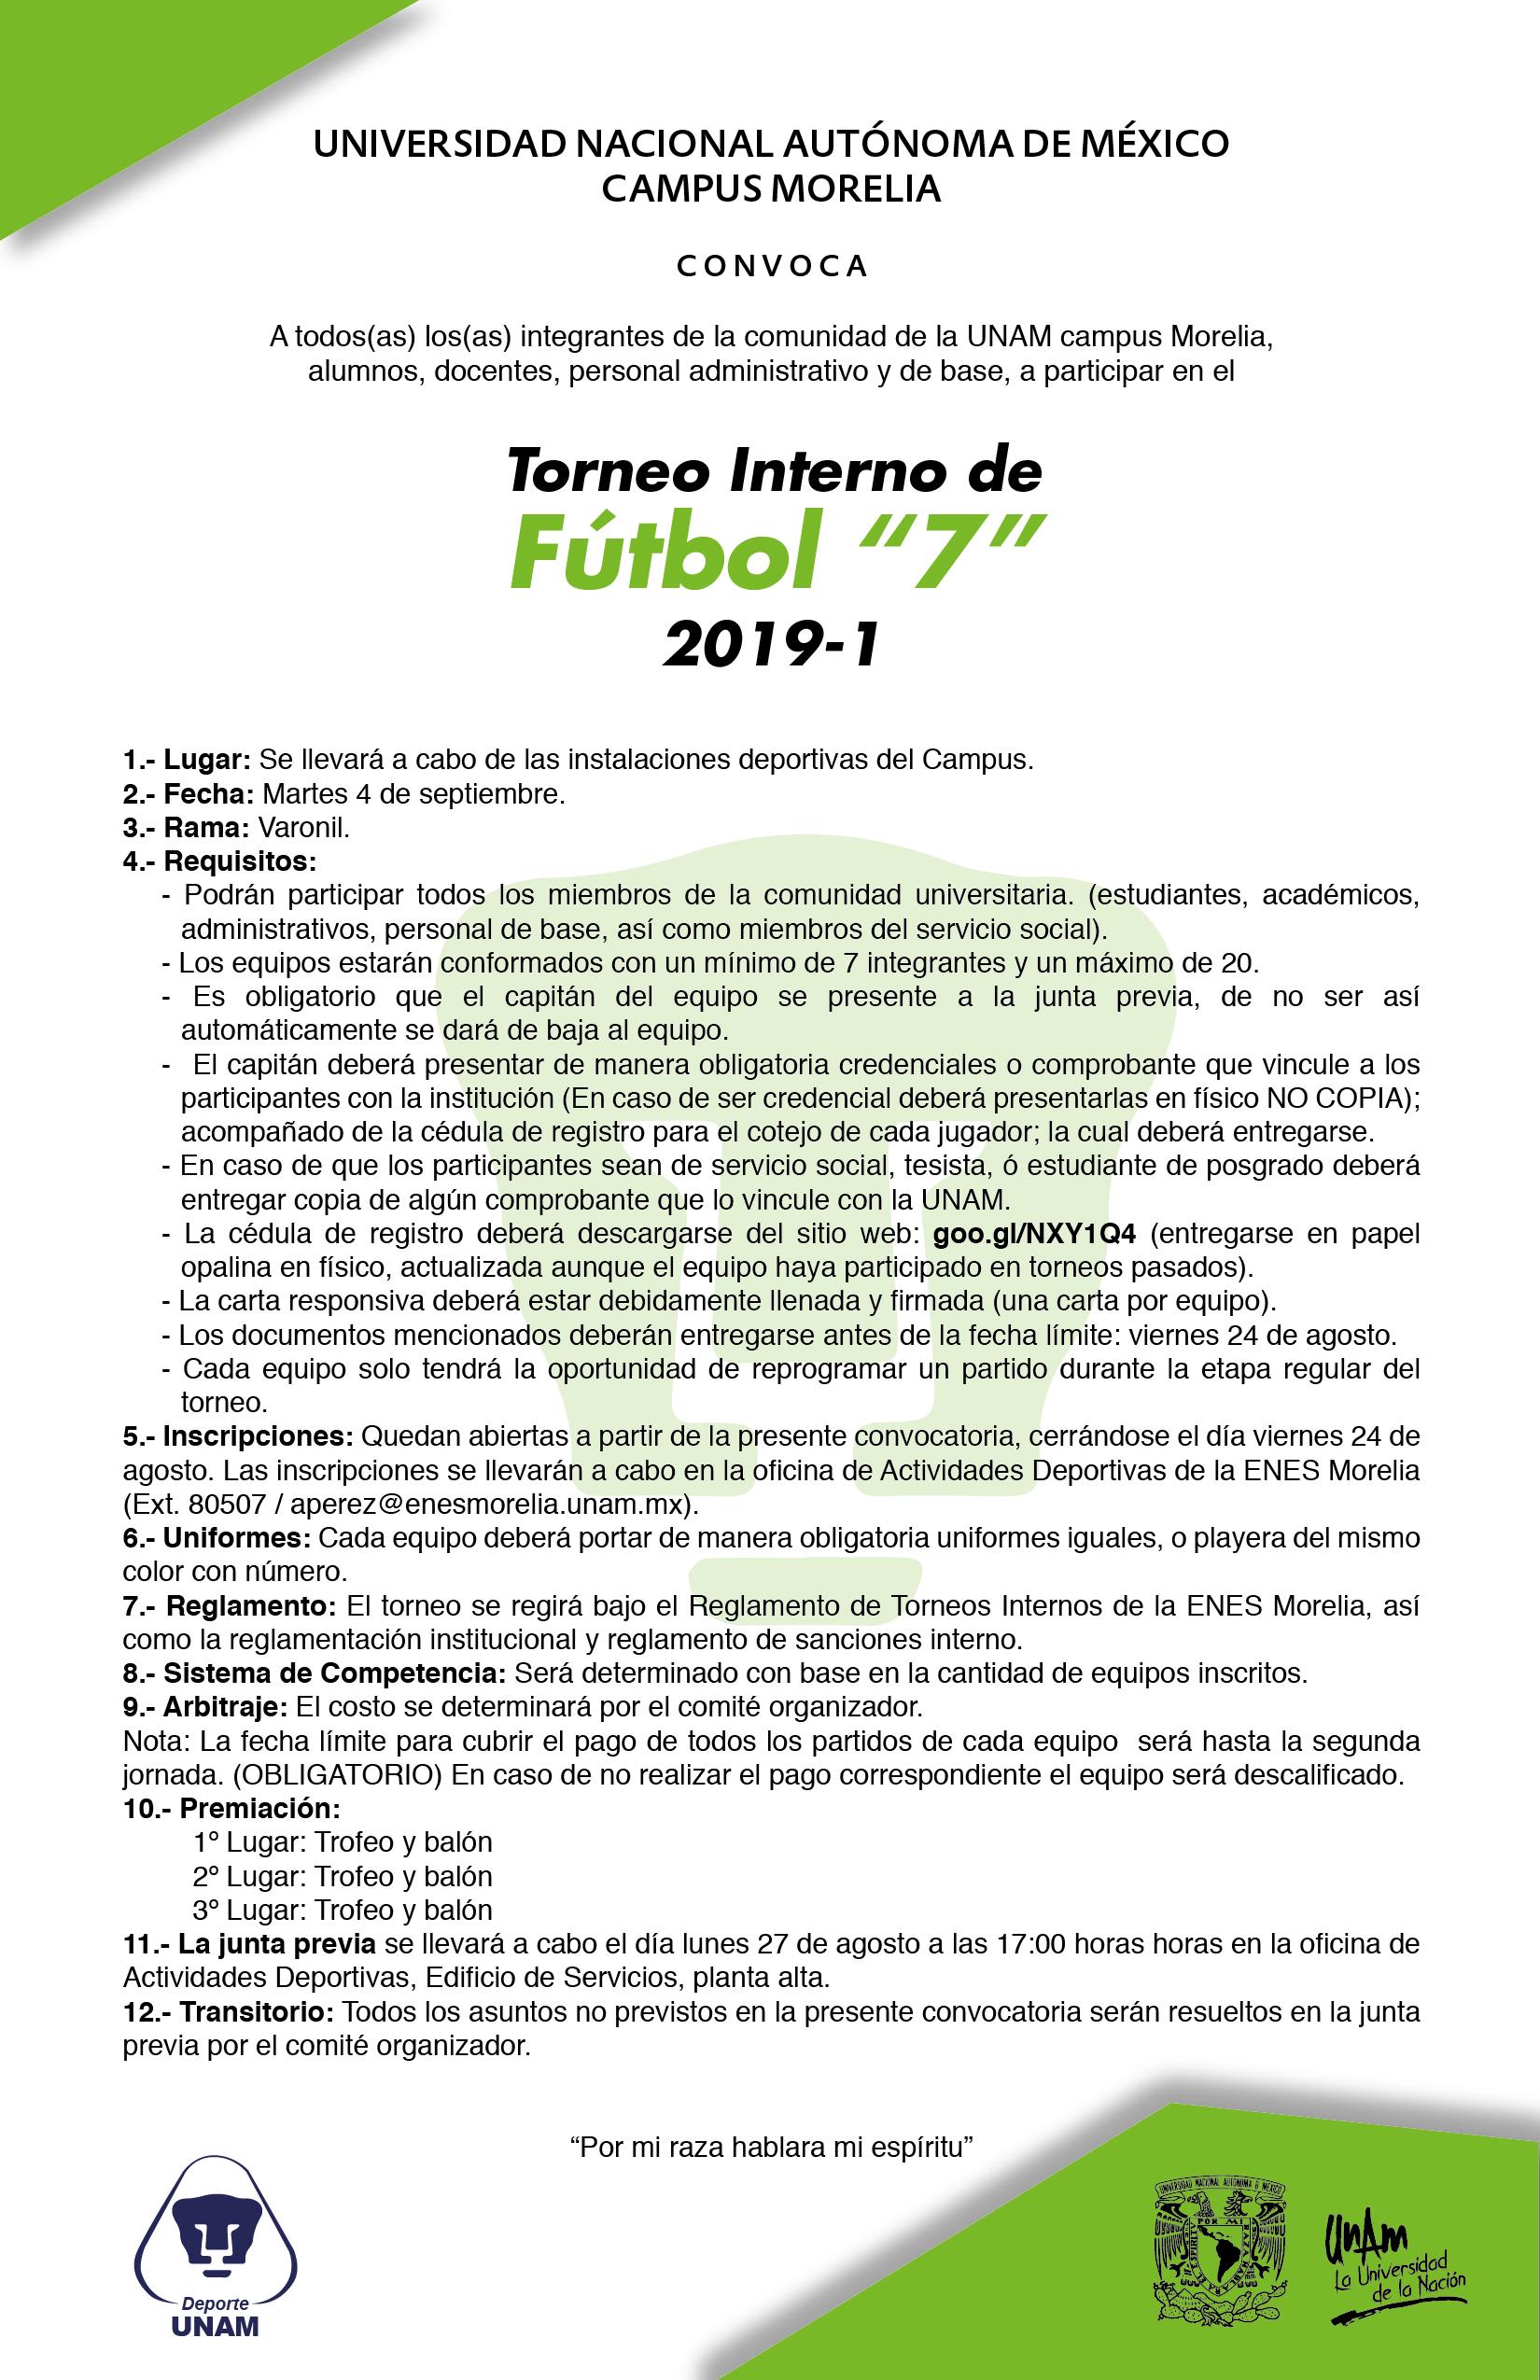 convocatoria-deportivas-2019-1-02